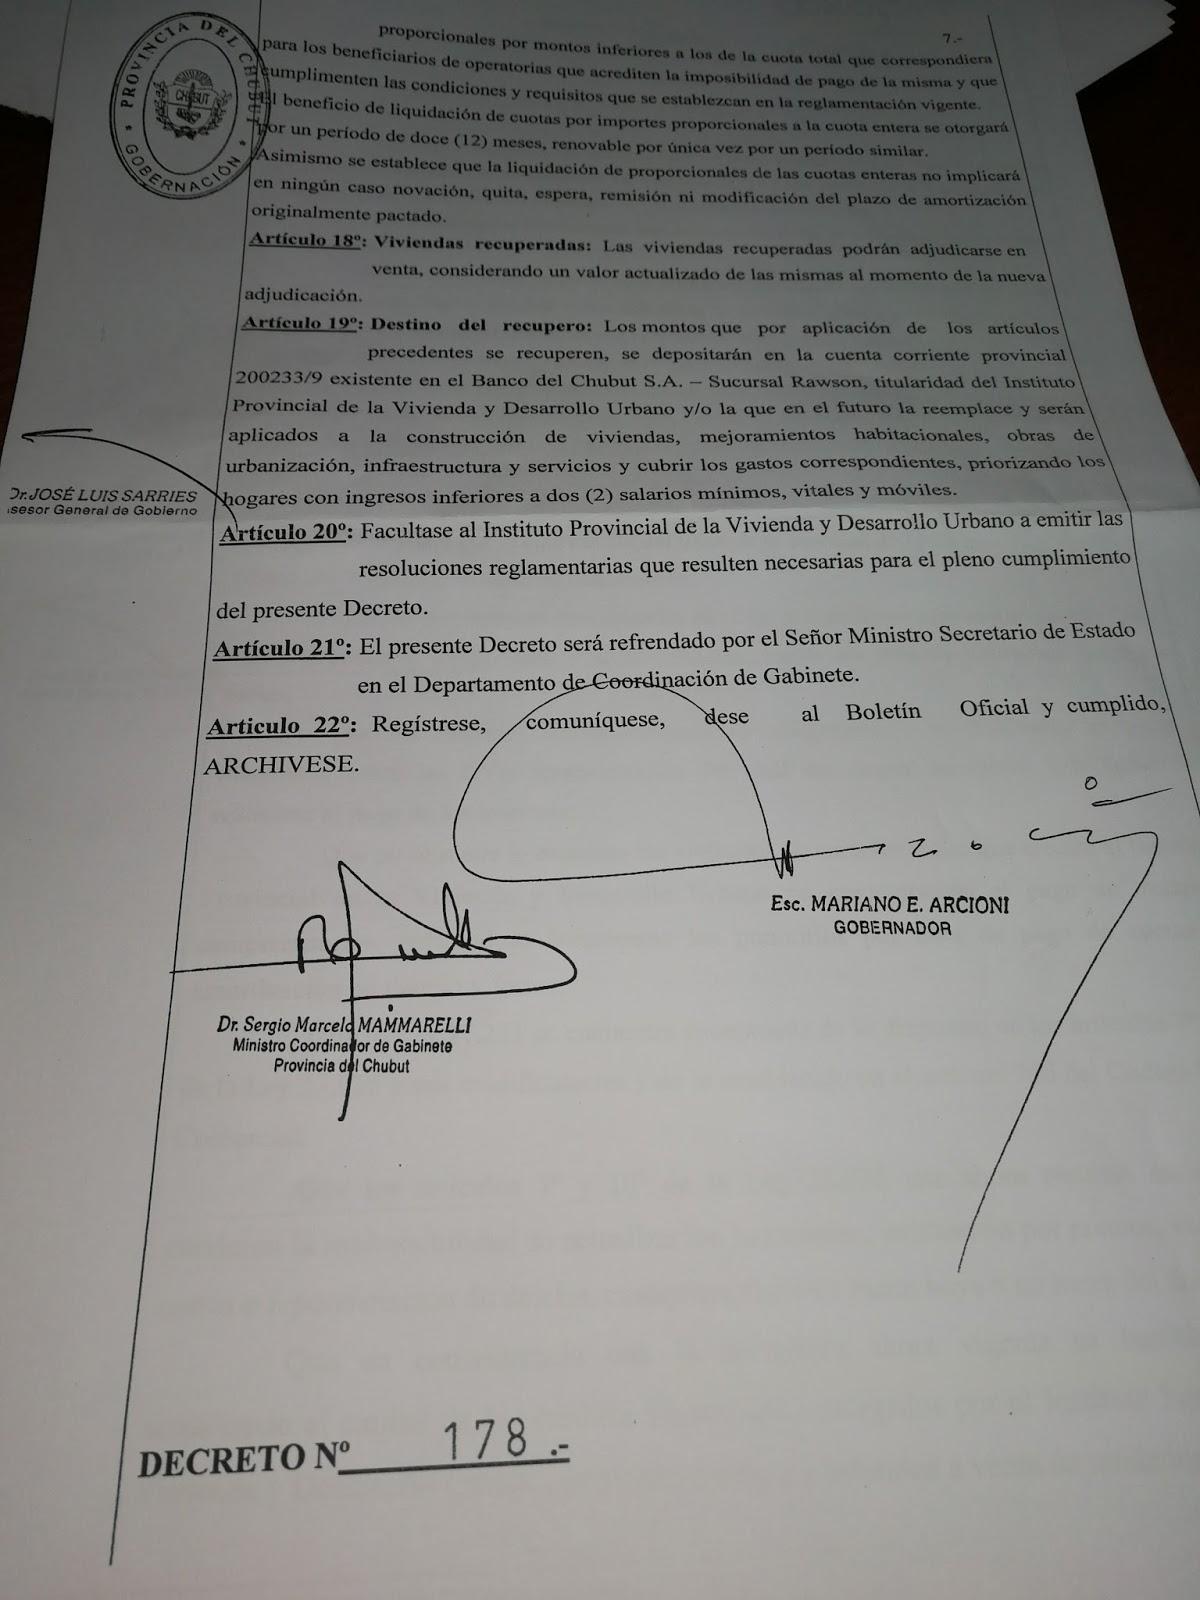 Encantador Reanudar El Generador De Viviendas Regalo - Ejemplo De ...